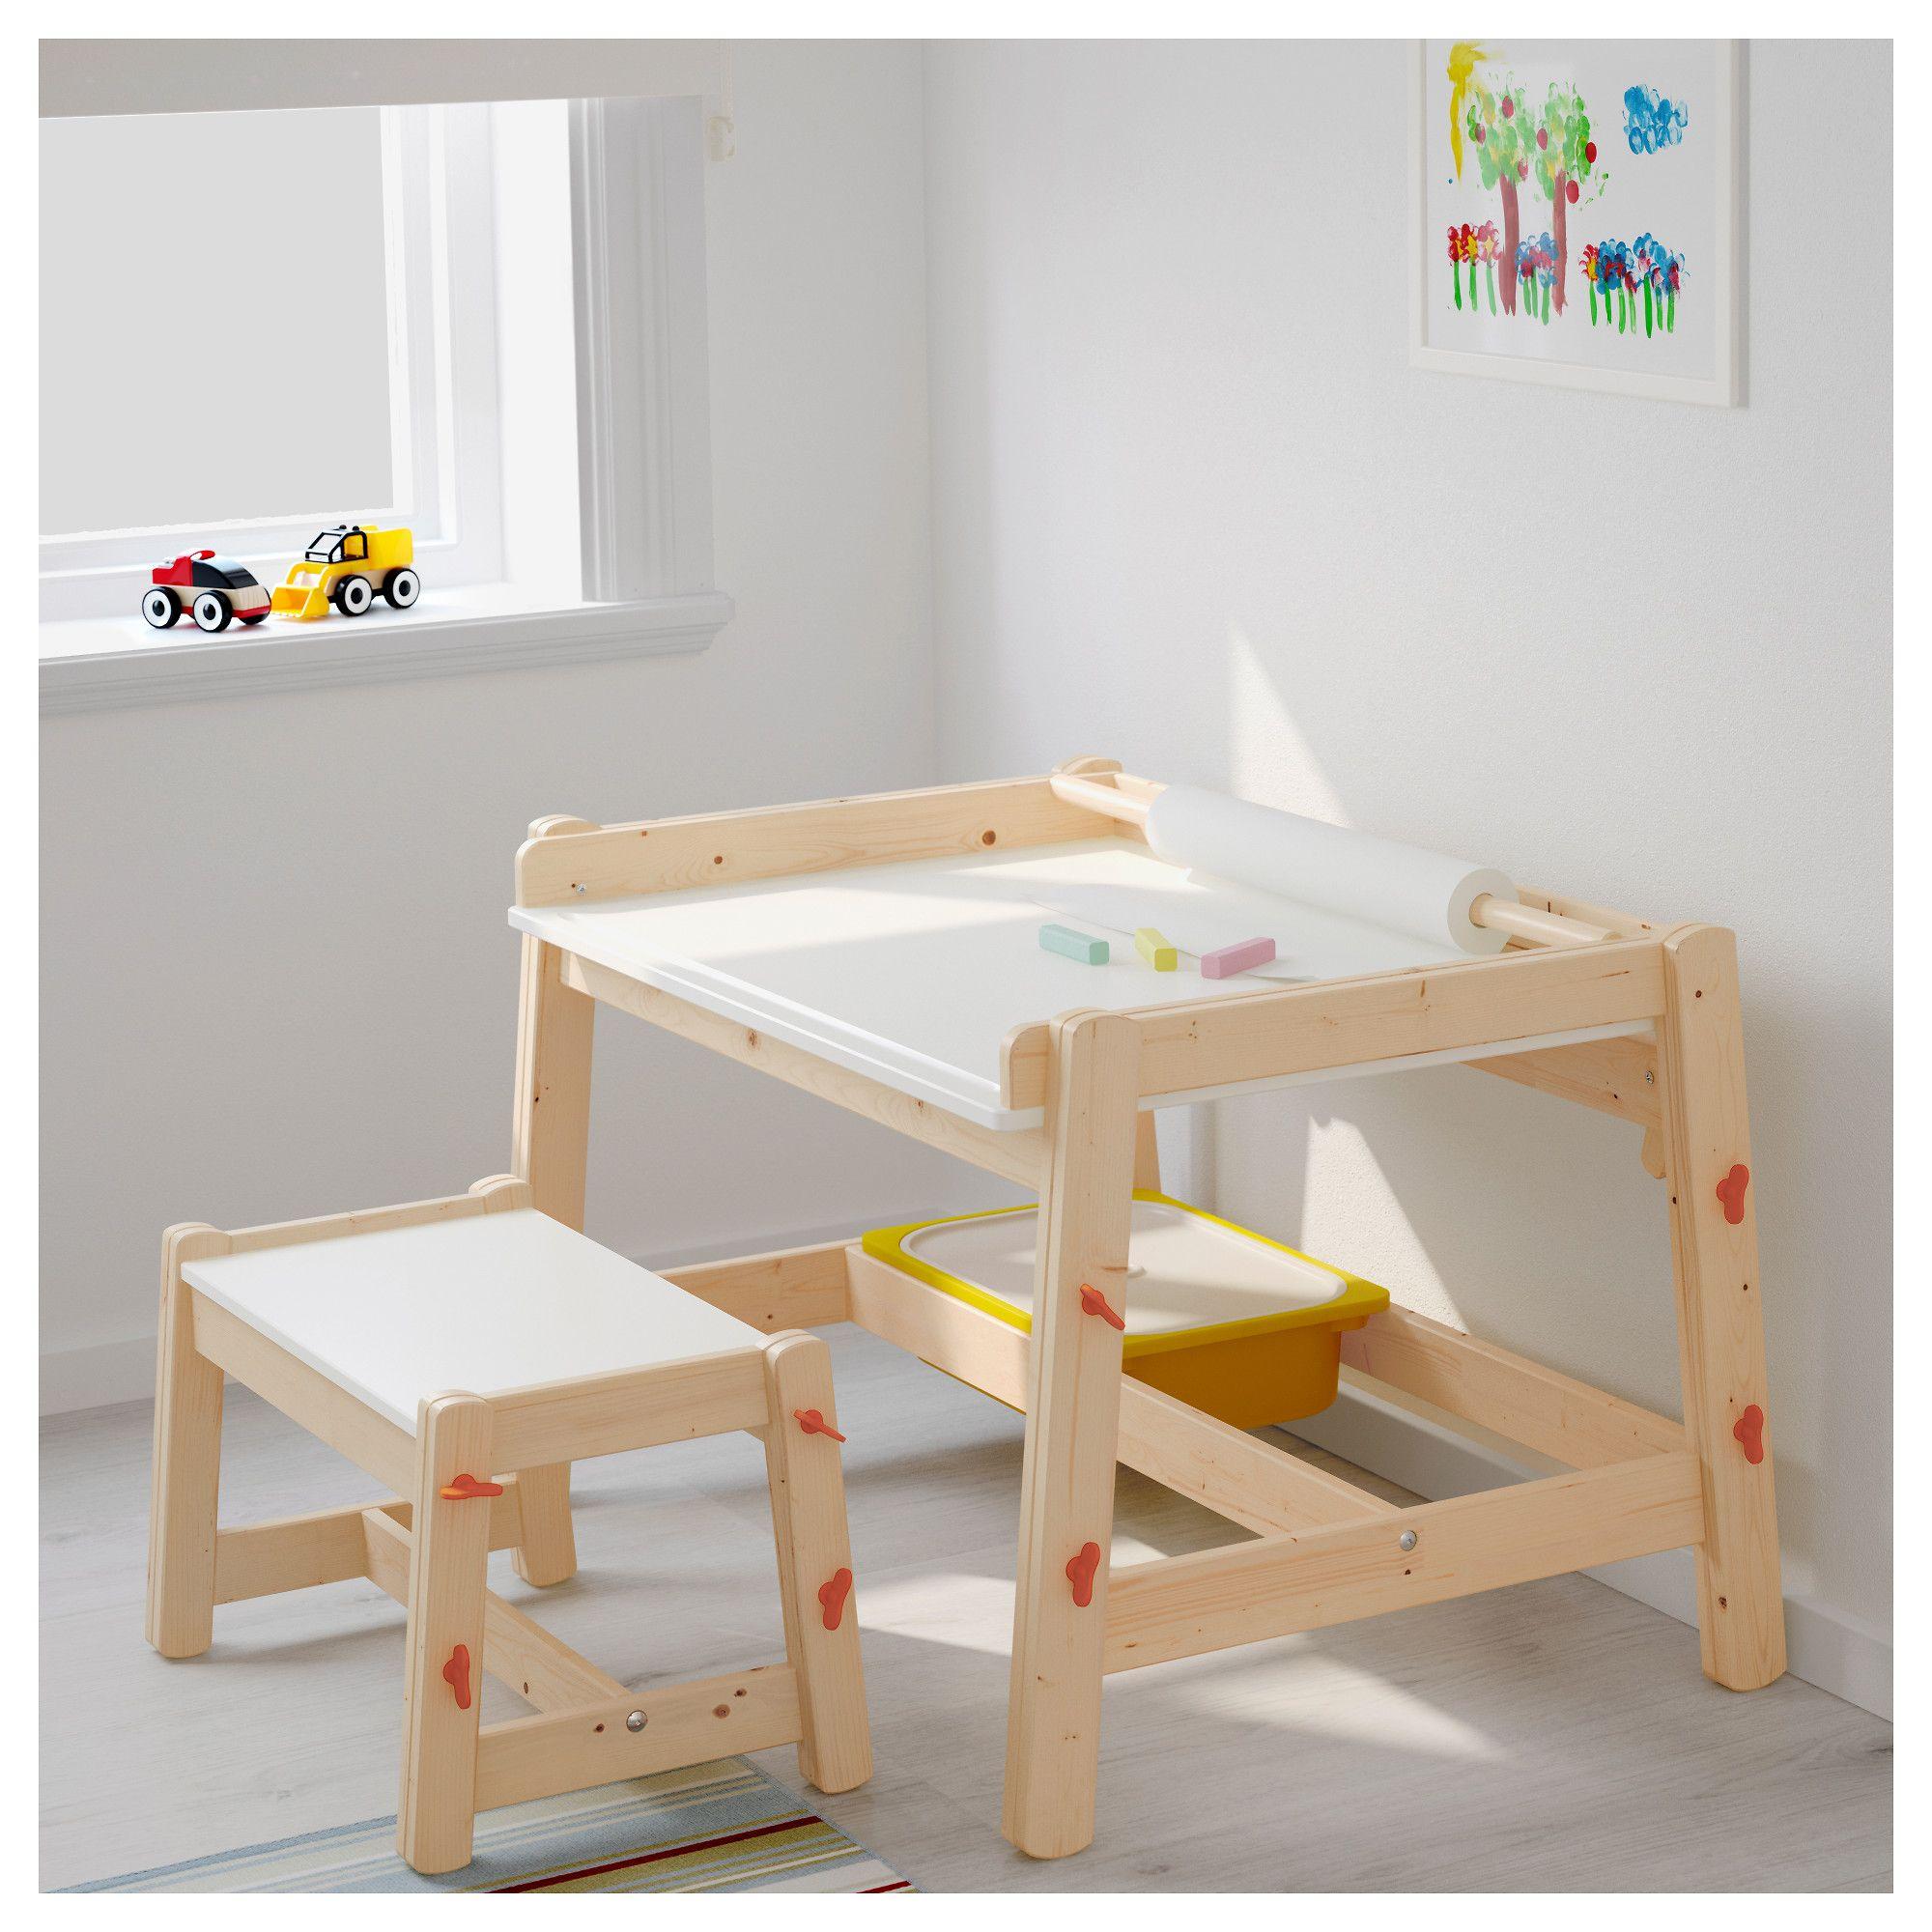 Ikea Flisat Children S Desk Adjustable In 2019